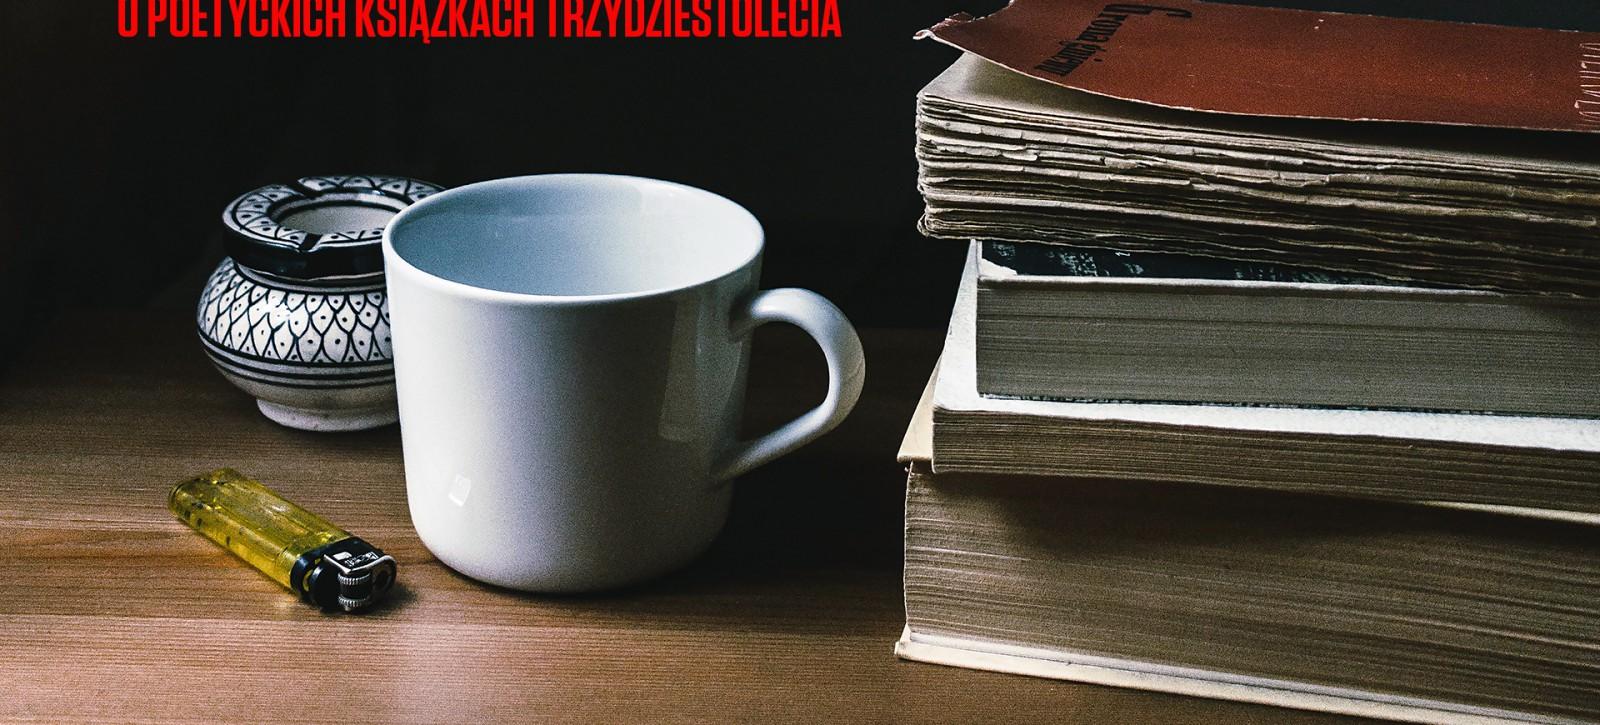 17_DEBATY__Abc__O poetyckich książkach trzydziestolecia